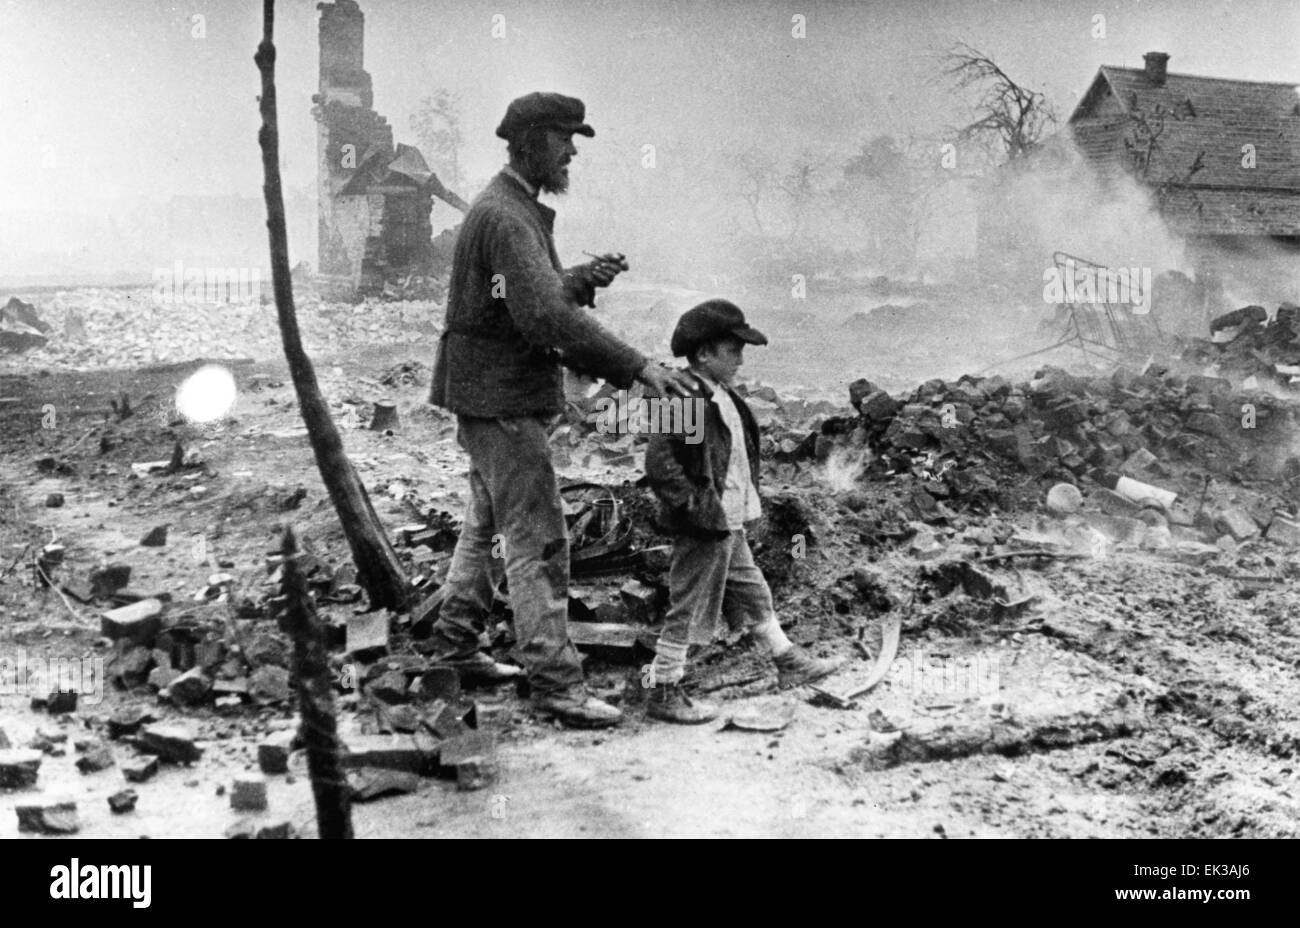 Ulyanovo, Kaluga region. July, 1943. 'Enemies have burnt out the Motherland' photo by Mikhail Savin 1943. - Stock Image